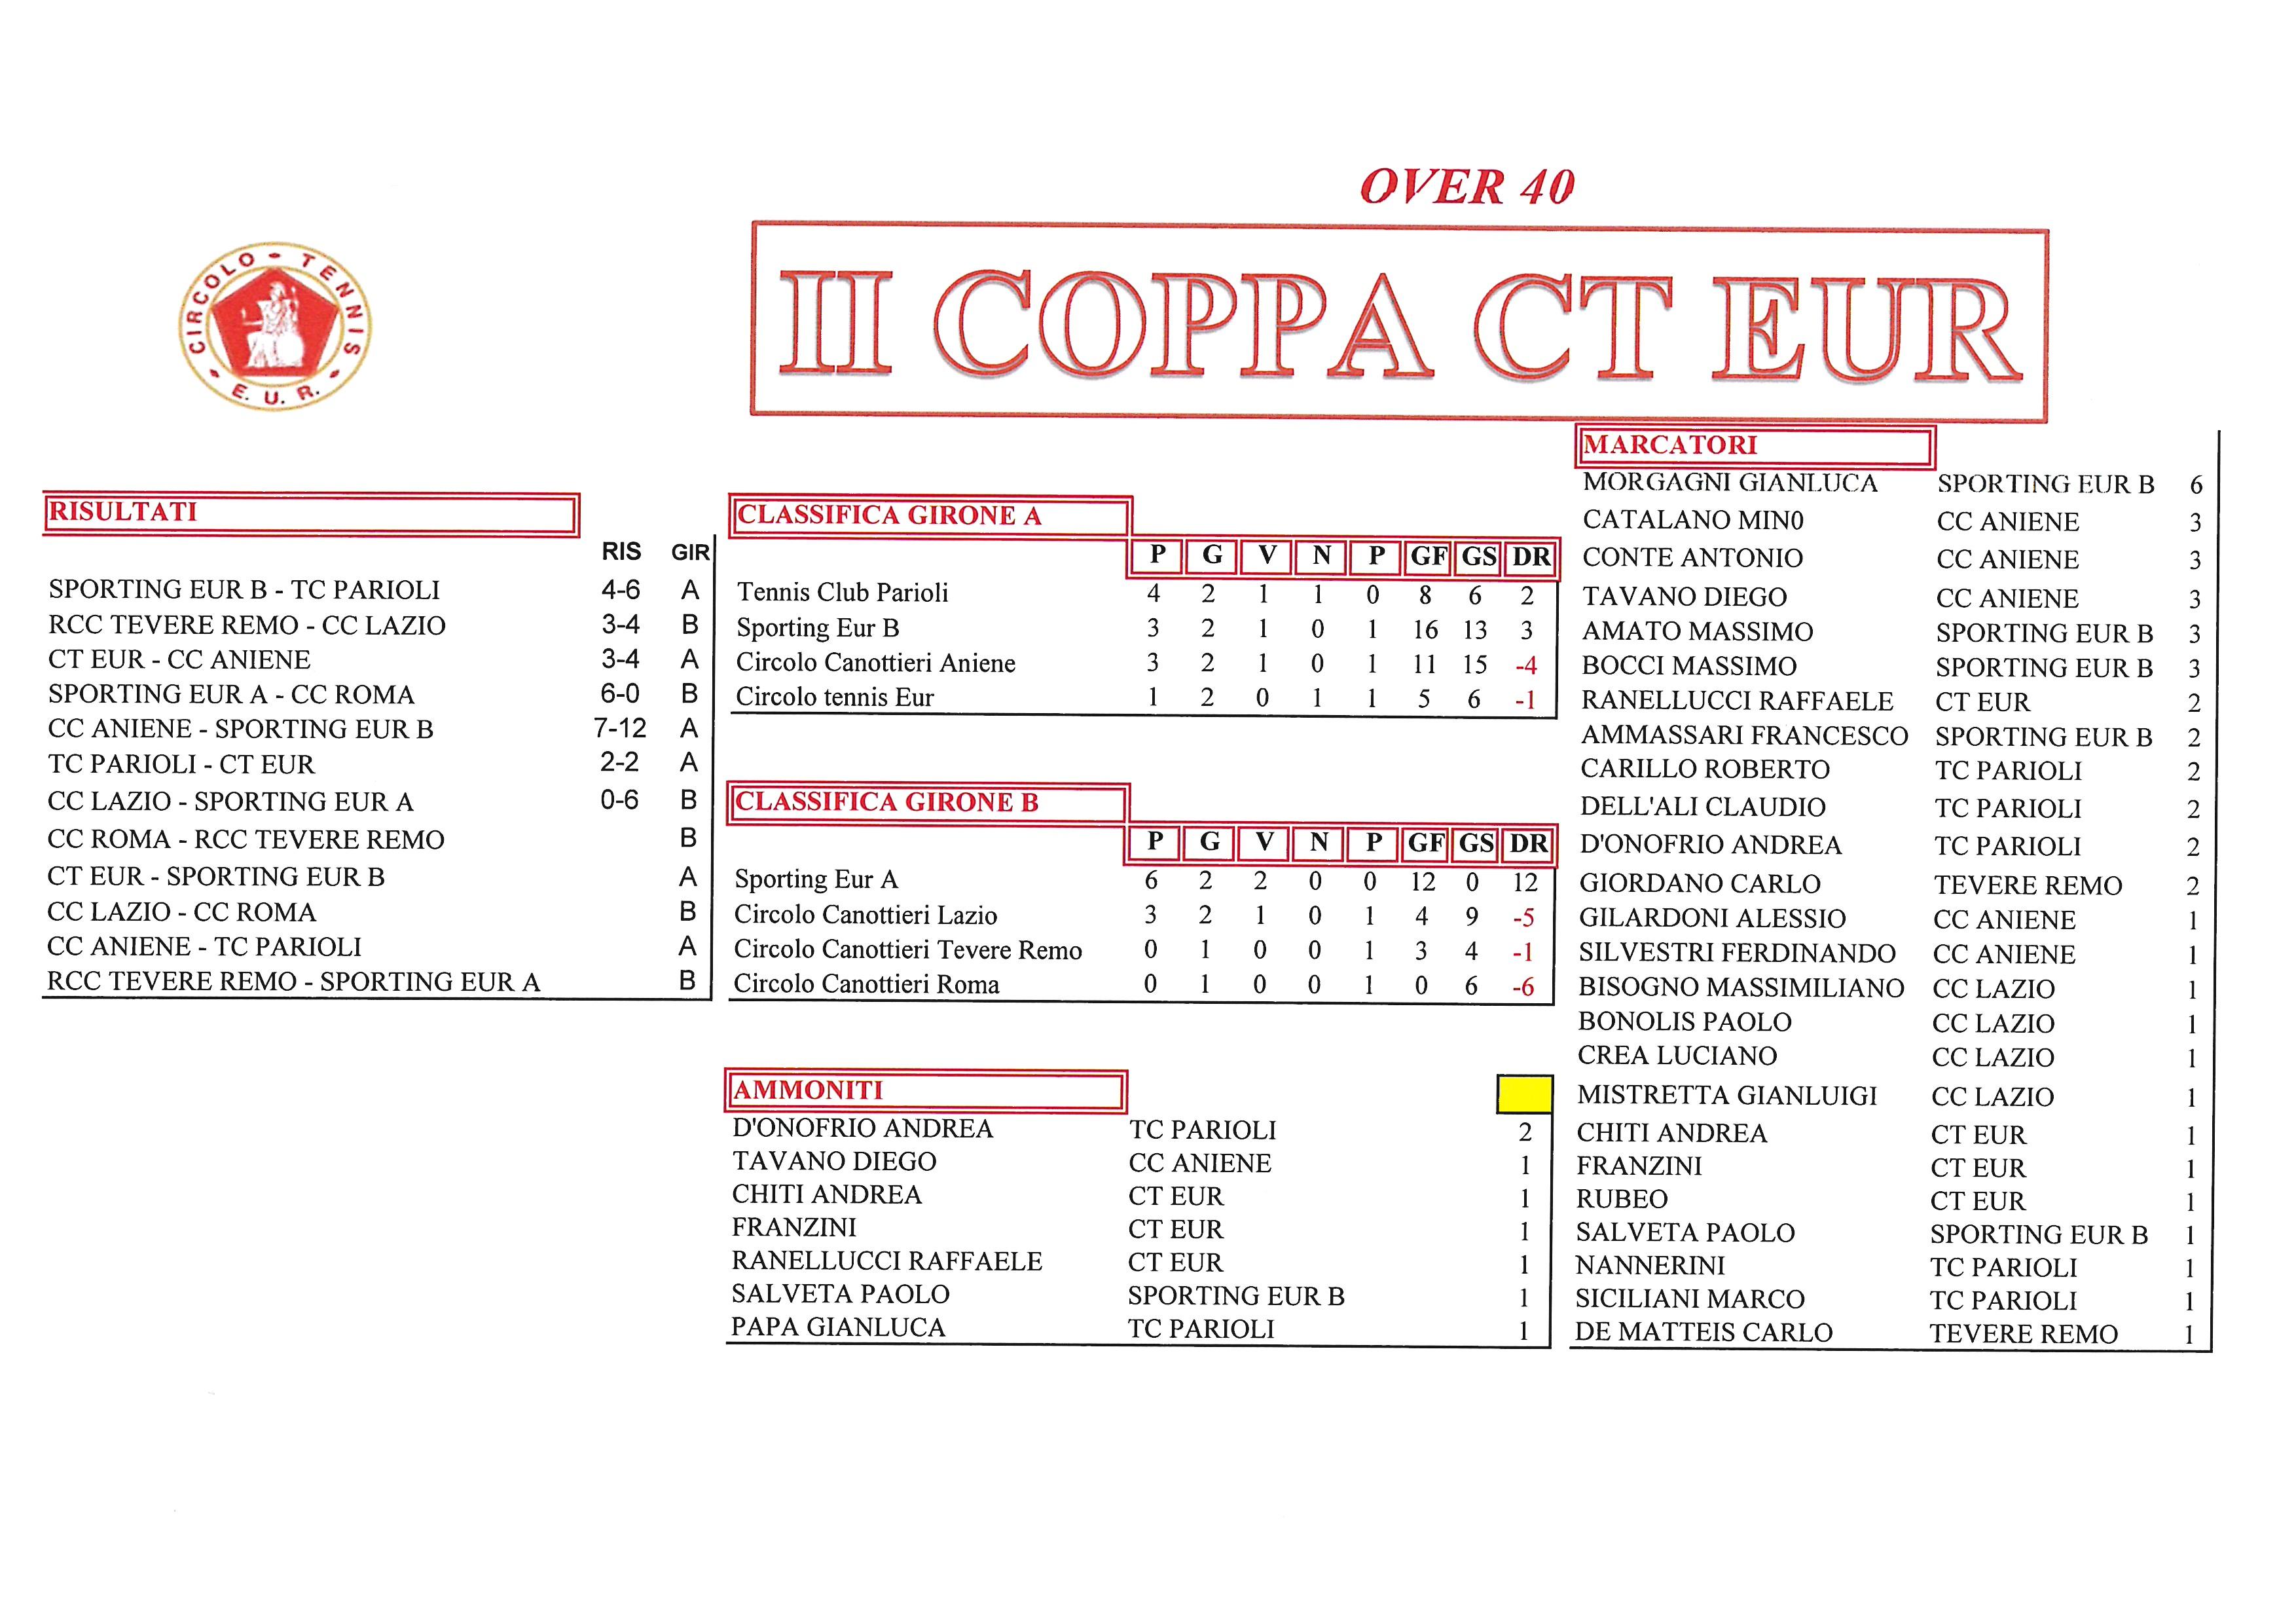 Coppa-CT-Eur-risultati-del-2-ottobre-2017-Over-40